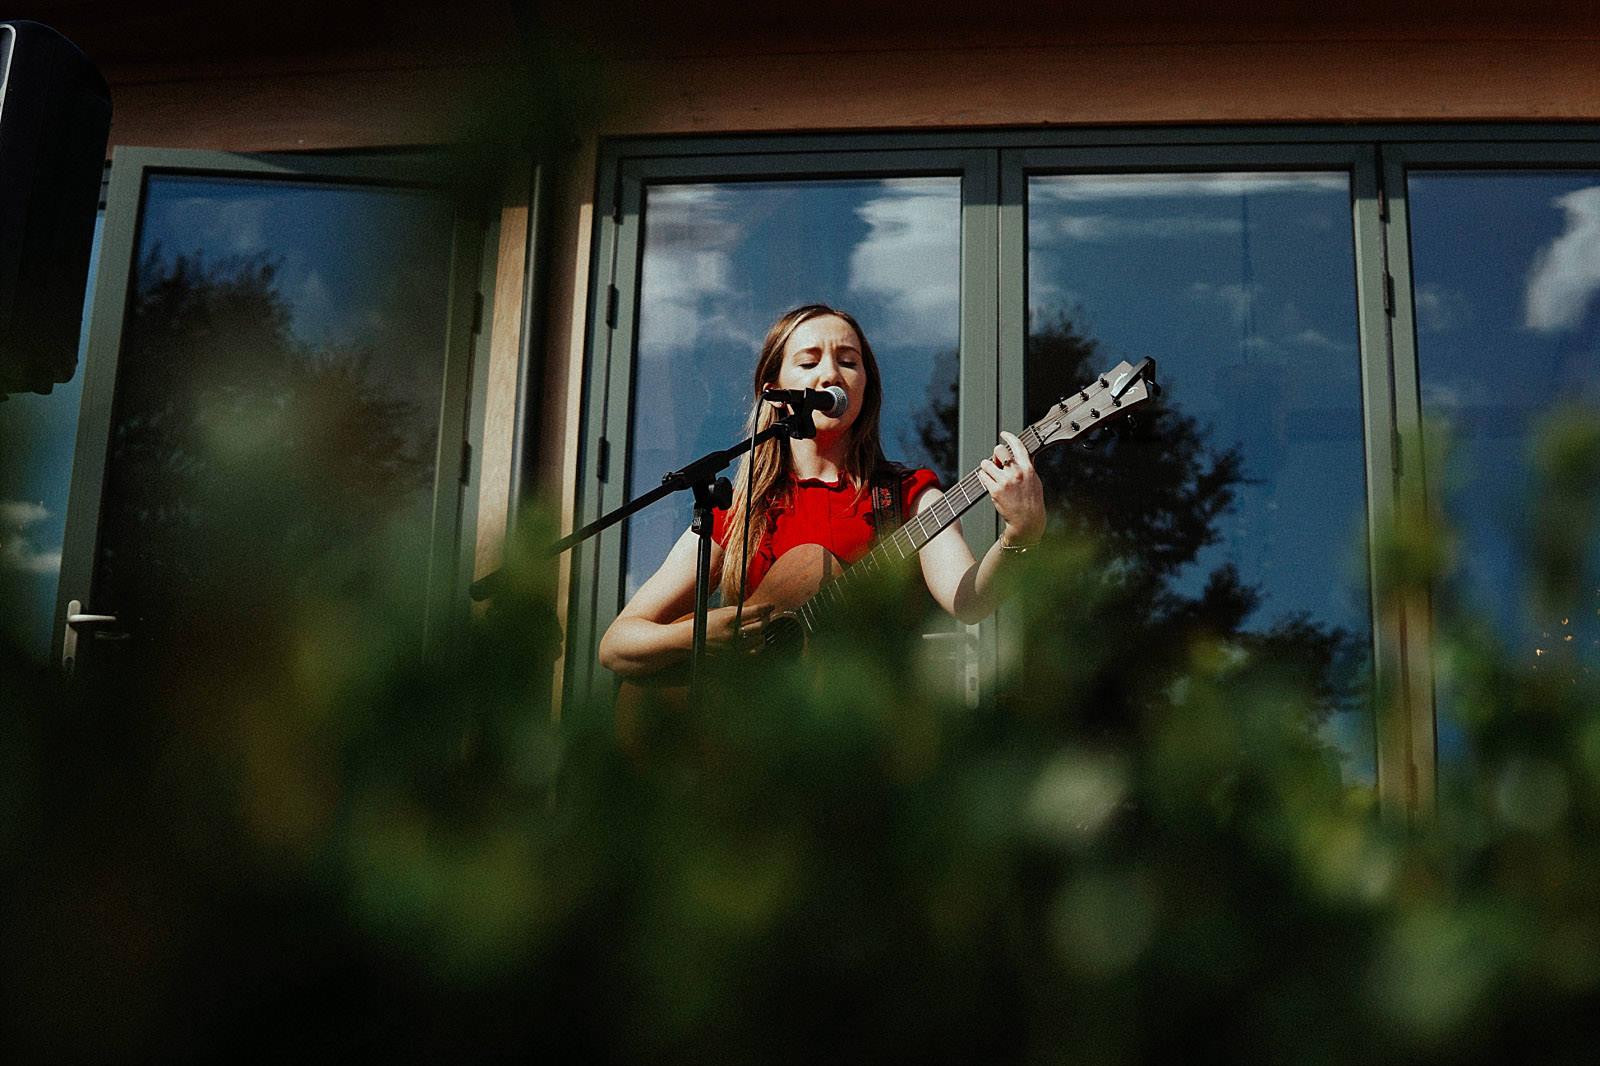 lucy mayhew wedding singer at a wedding